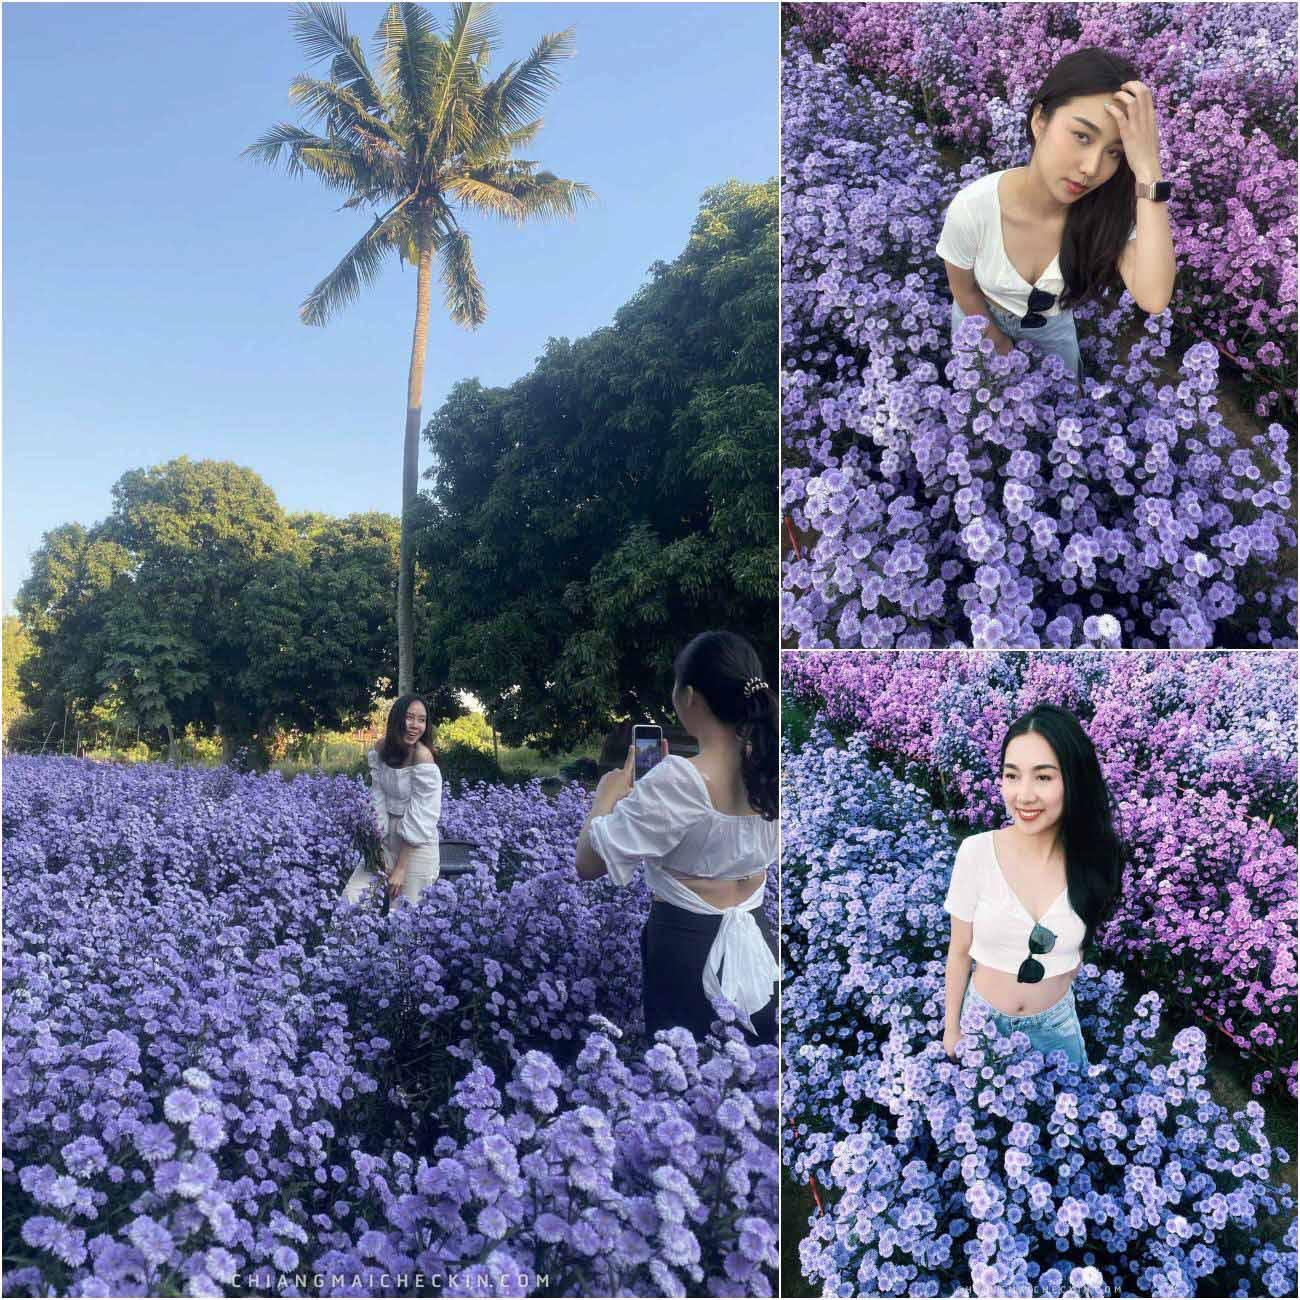 จุดเช็คอินเด็ดๆ สวนดอกไม้ลุงลพ เชียงใหม่พบกับสวนดอกไม้สีสวย วิวดีสวนภายในมีพรอพให้สาวๆถ่ายรูปเก็บกันอีกด้วยแนะนำเลย